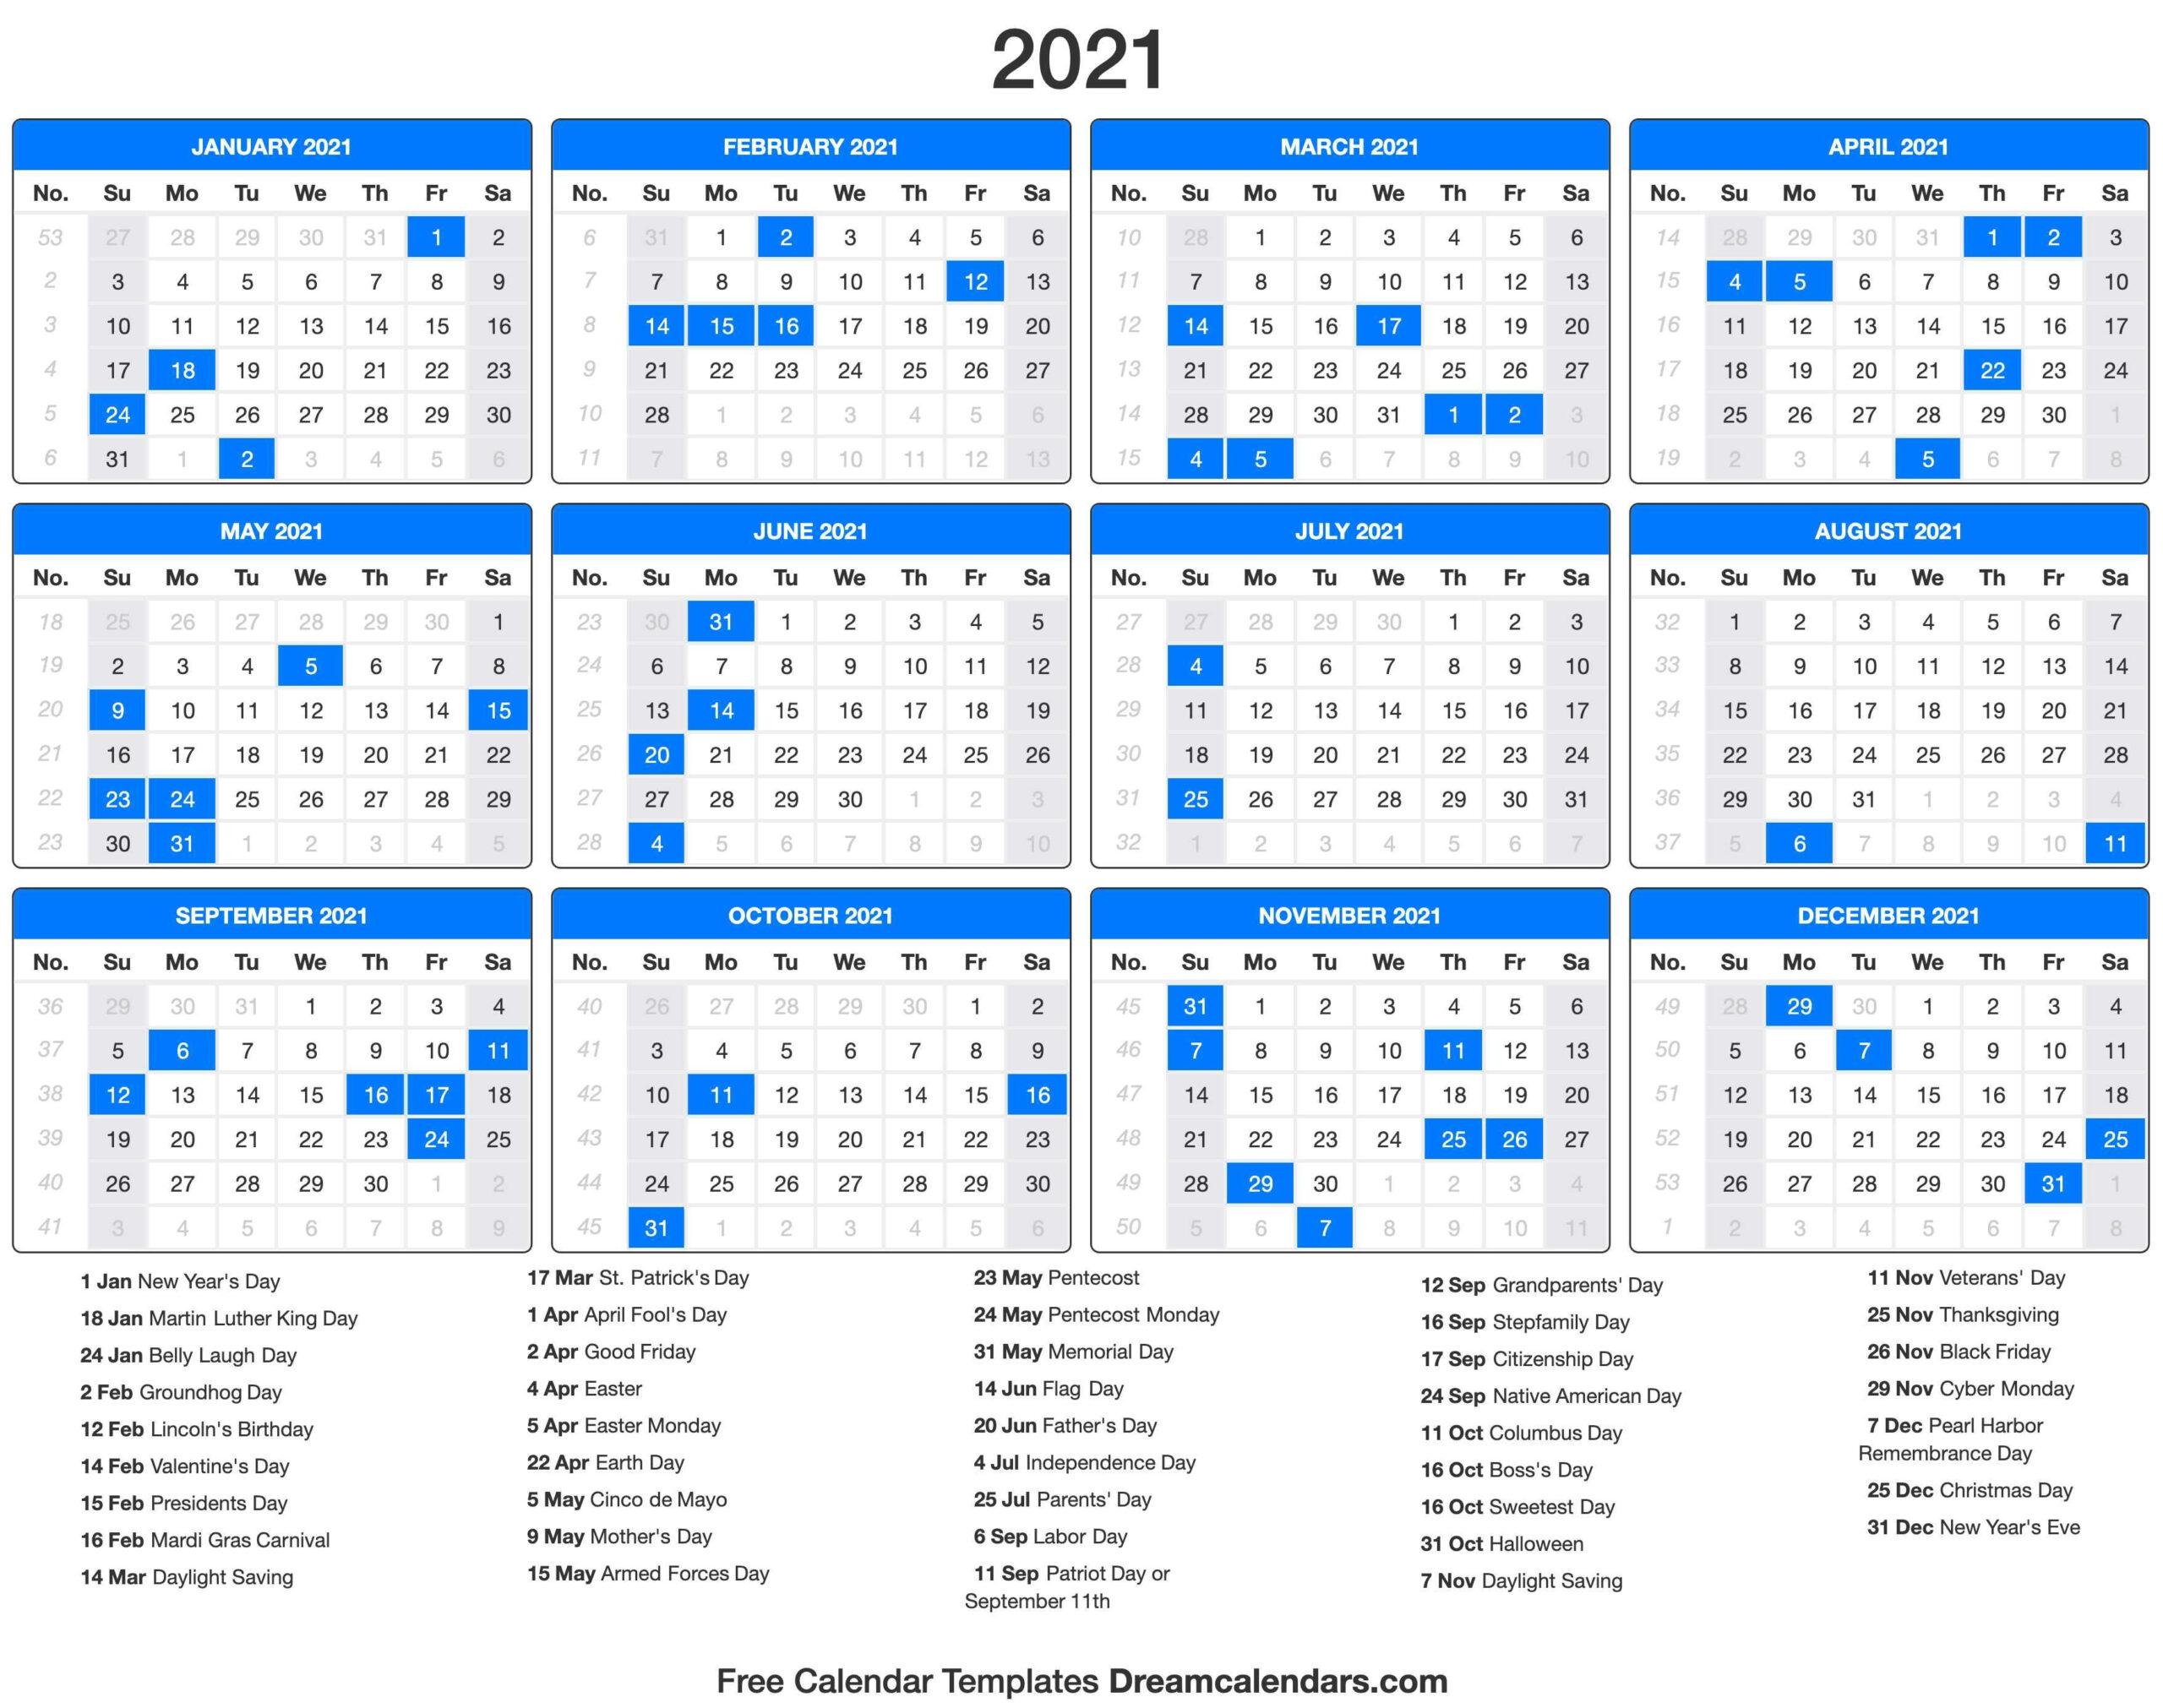 2021 Calendar With Holidays - Dream Calendars